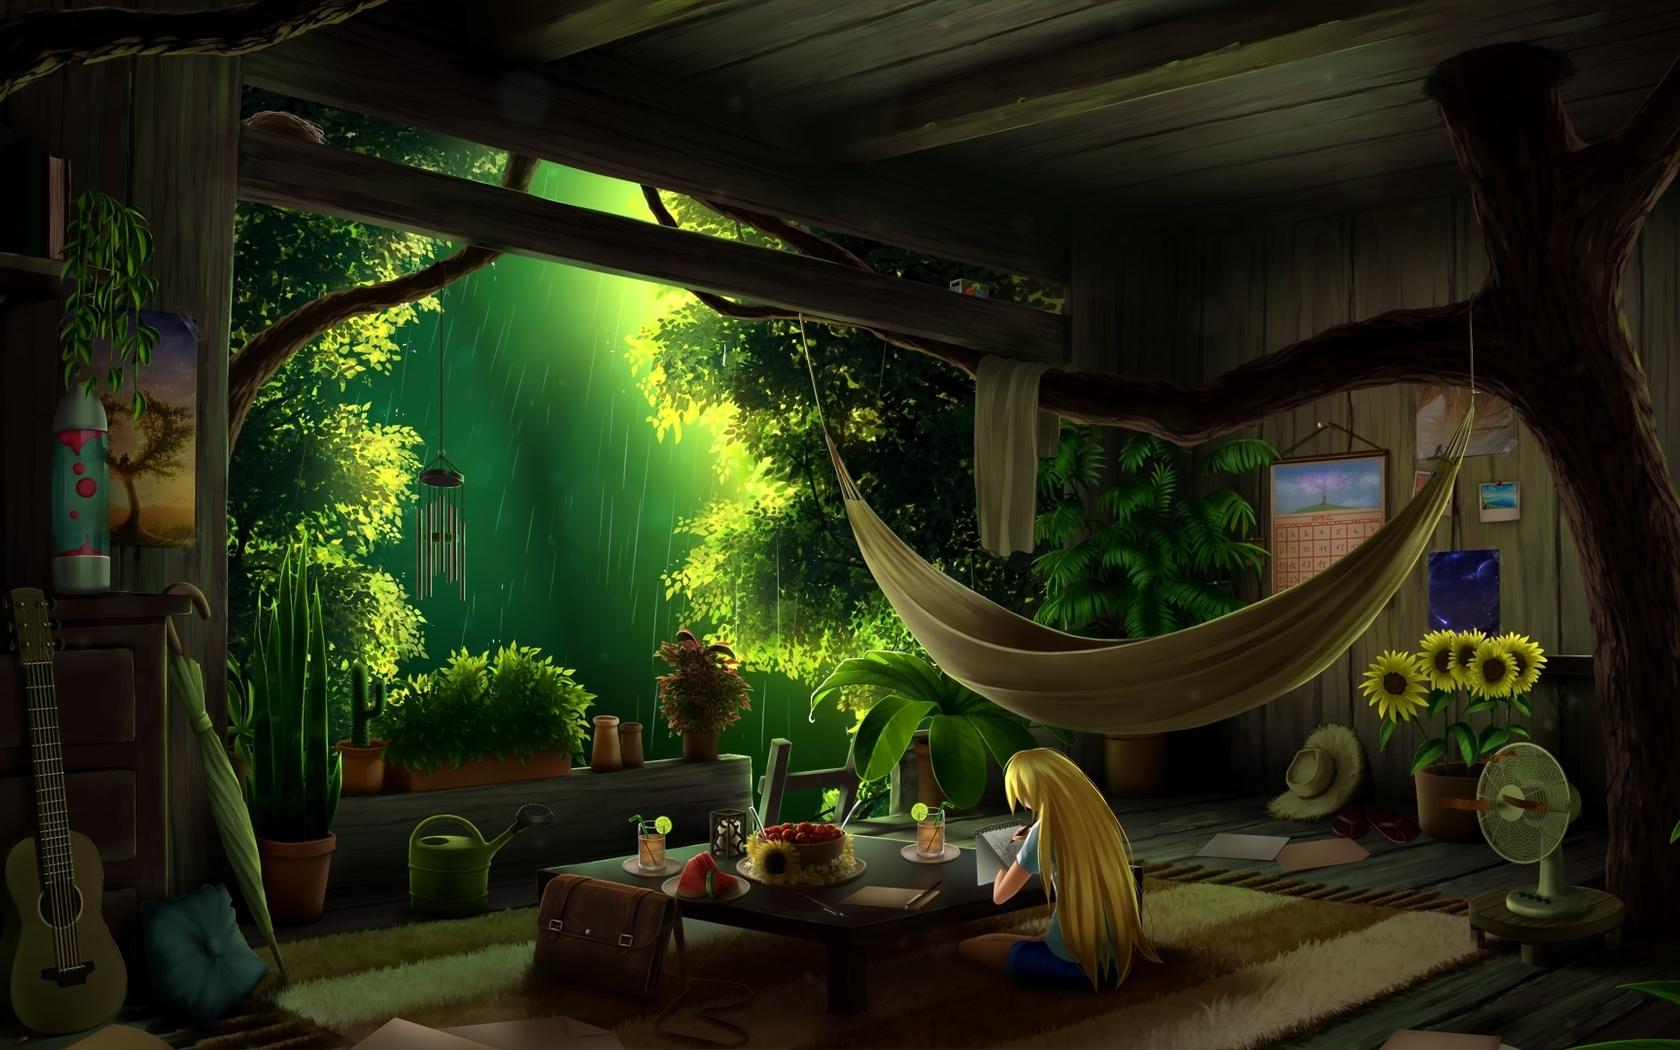 интерьер.домик на дереве, деревья, лес.дождь